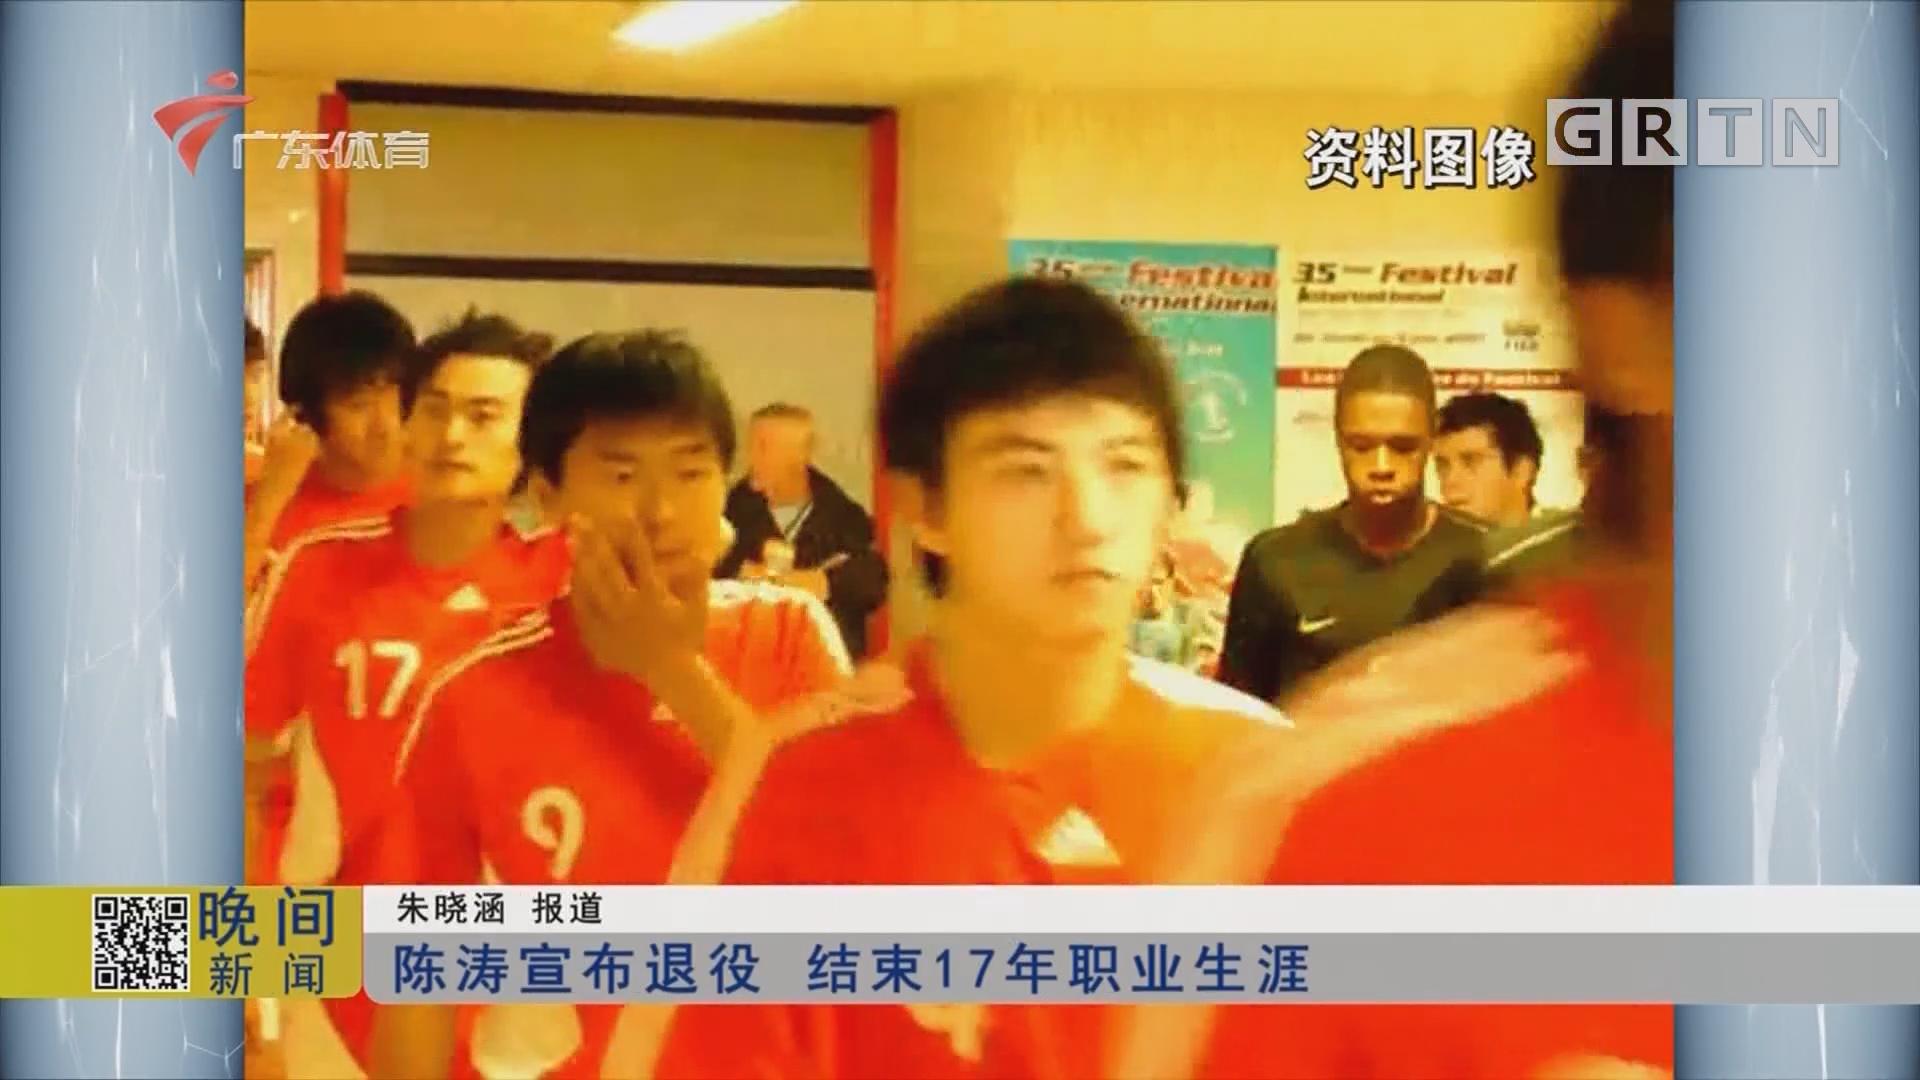 陳濤宣布退役 結束17年職業生涯